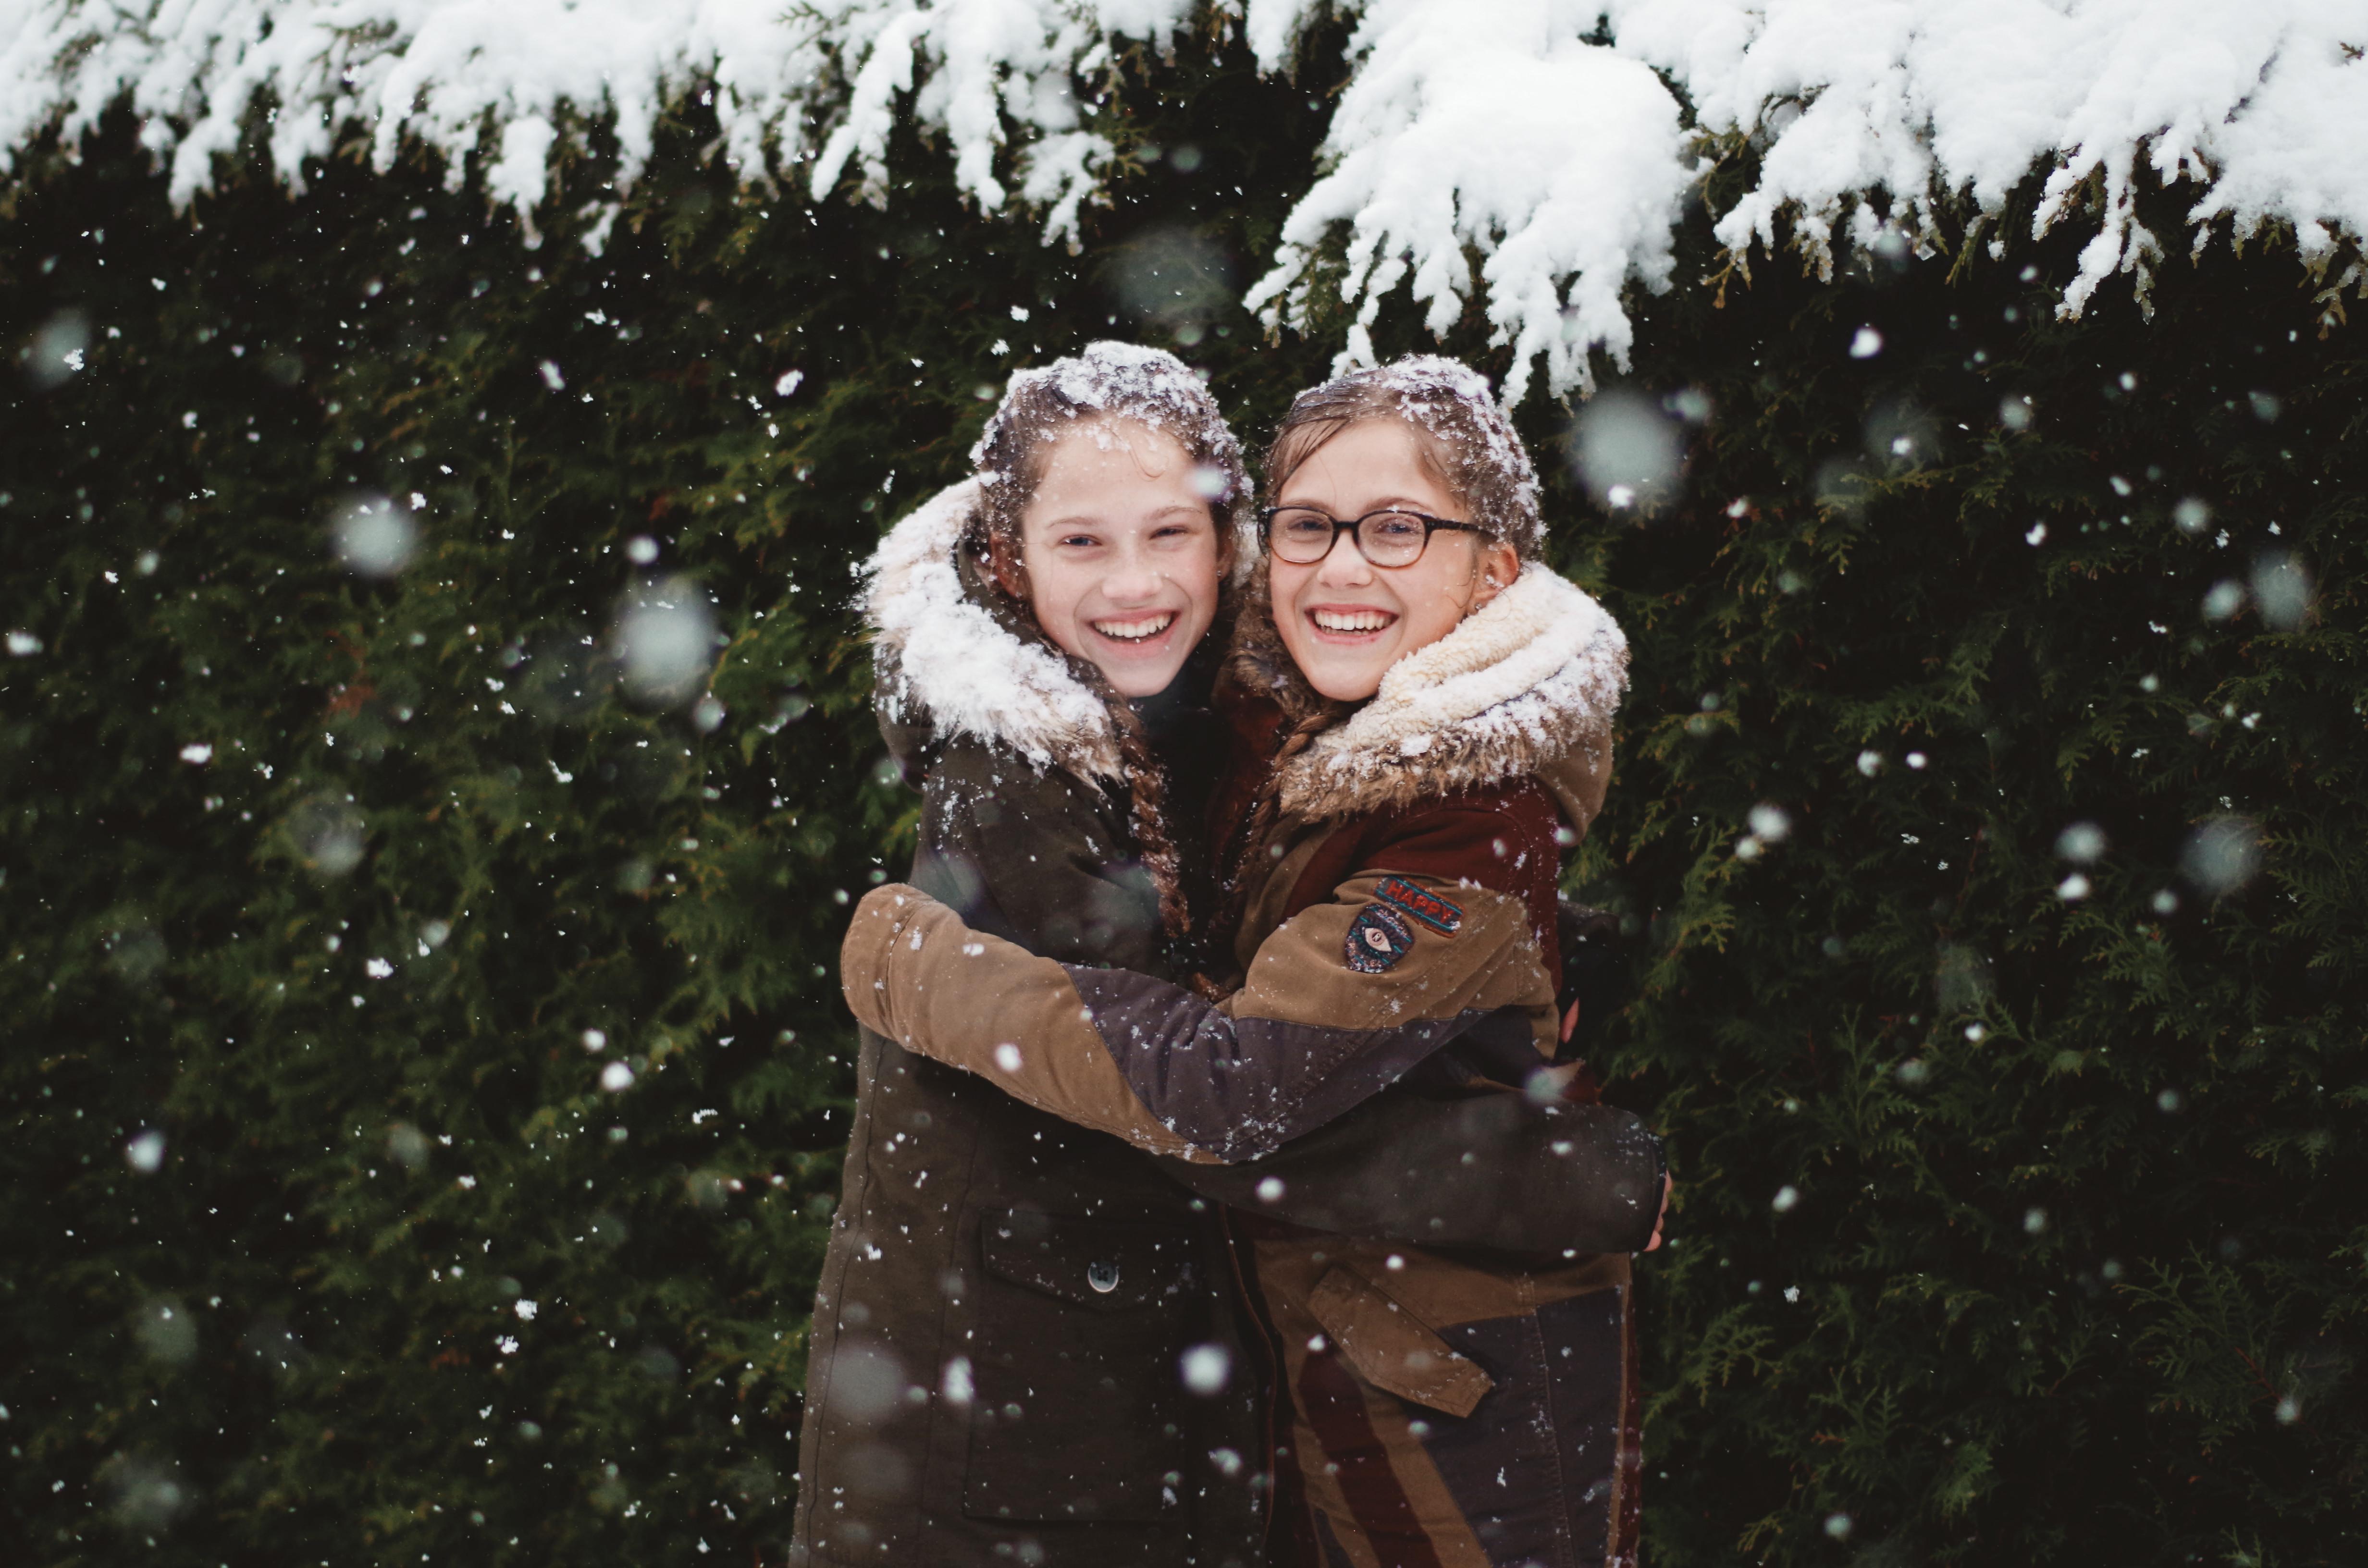 lachen in de sneeuw